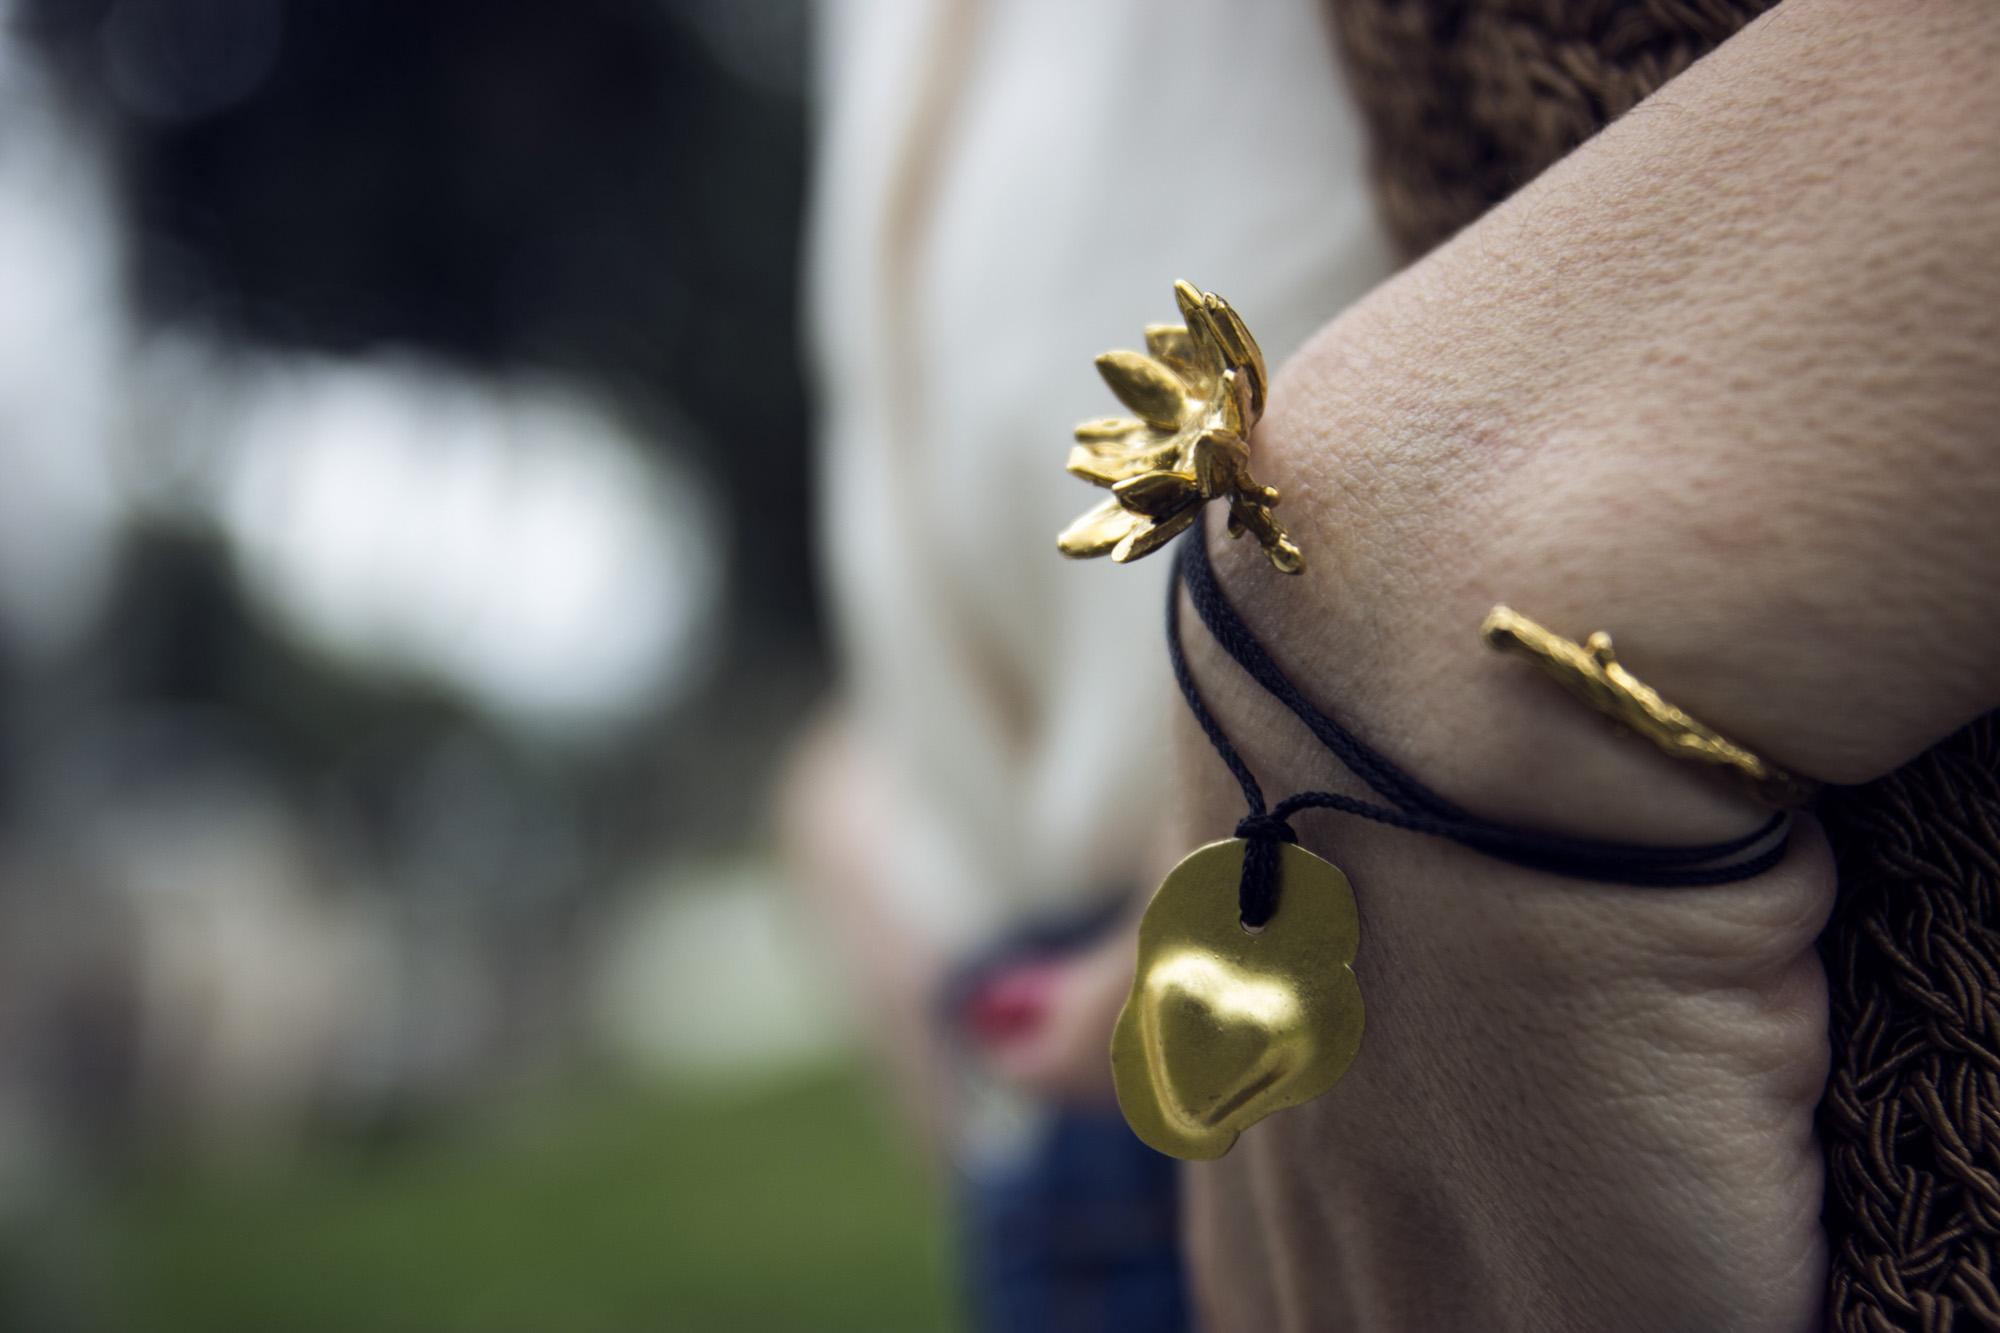 besign jewellery bilezik, toz design